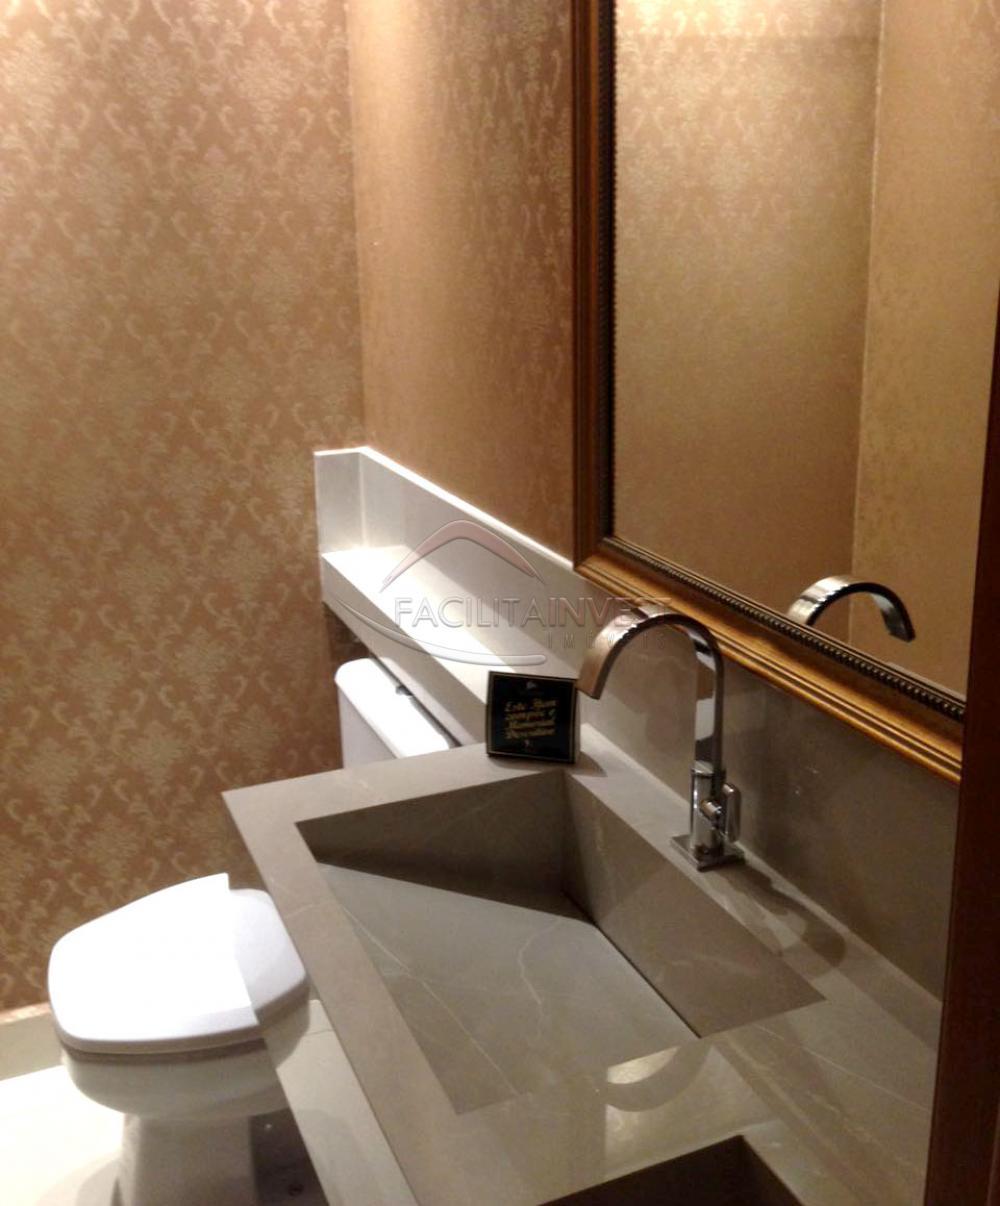 Comprar Lançamentos/ Empreendimentos em Construç / Apartamento padrão - Lançamento em Ribeirão Preto apenas R$ 958.391,00 - Foto 6